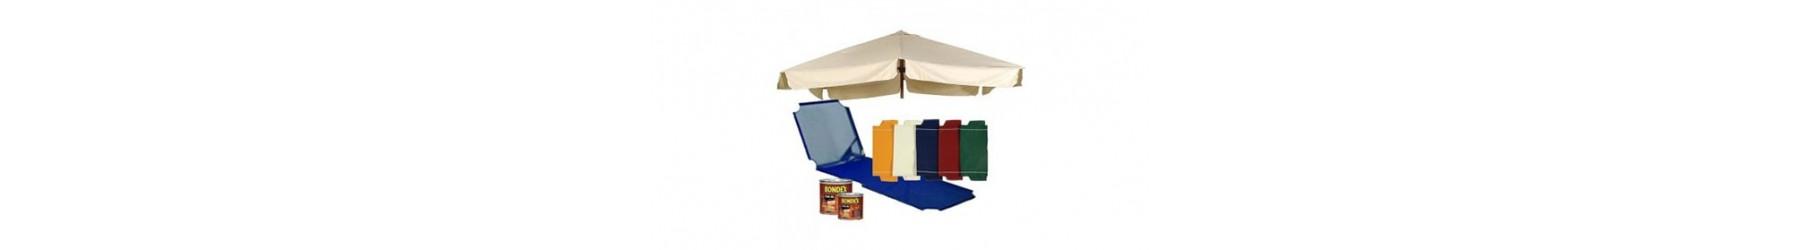 Ανταλλακτικά και προιόντα συντήρησης για έπιπλα κήπου και ομπρέλες